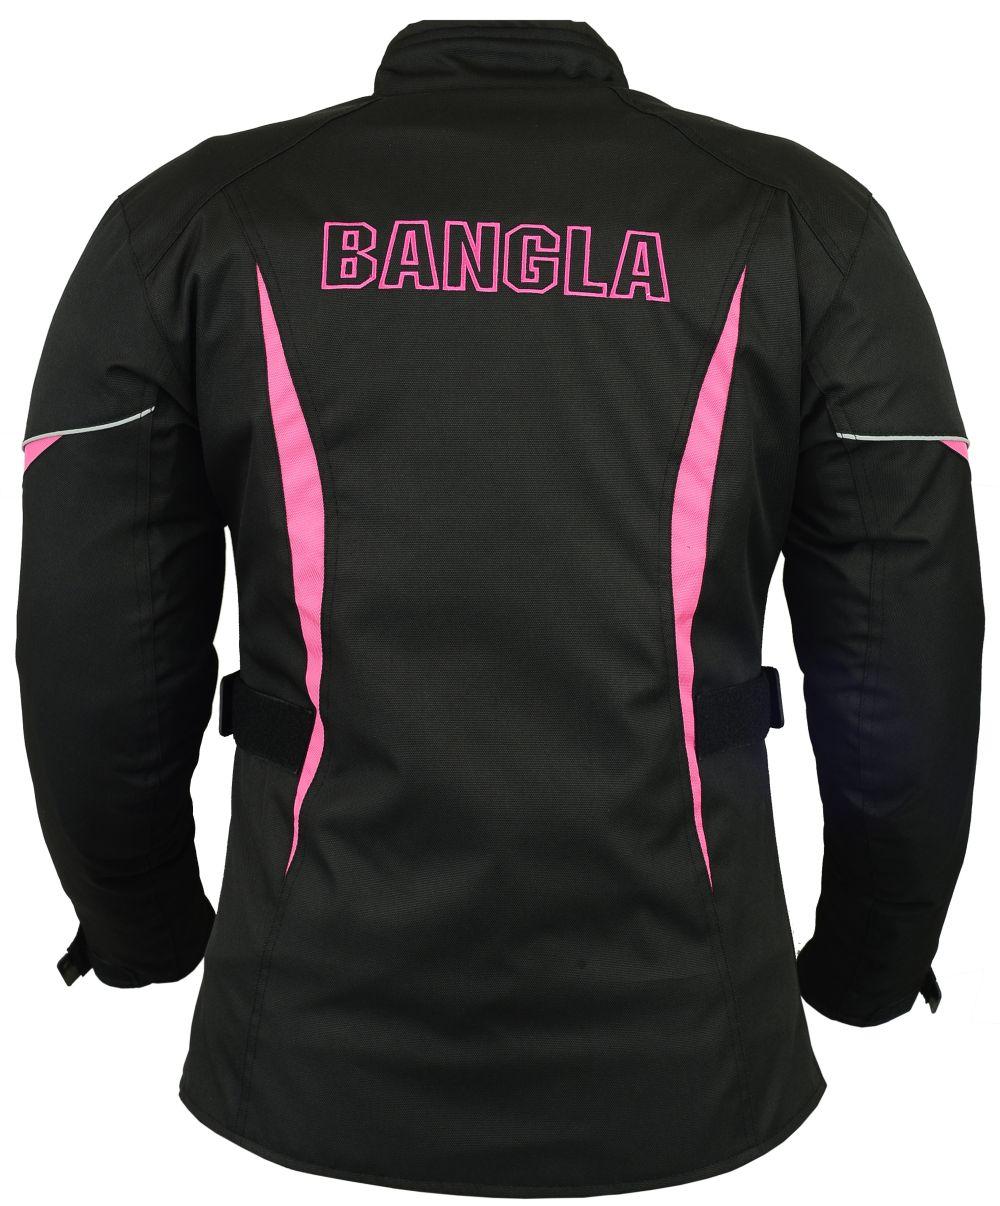 motorradjacke damen textil schwarz pink bangla s m l xl. Black Bedroom Furniture Sets. Home Design Ideas